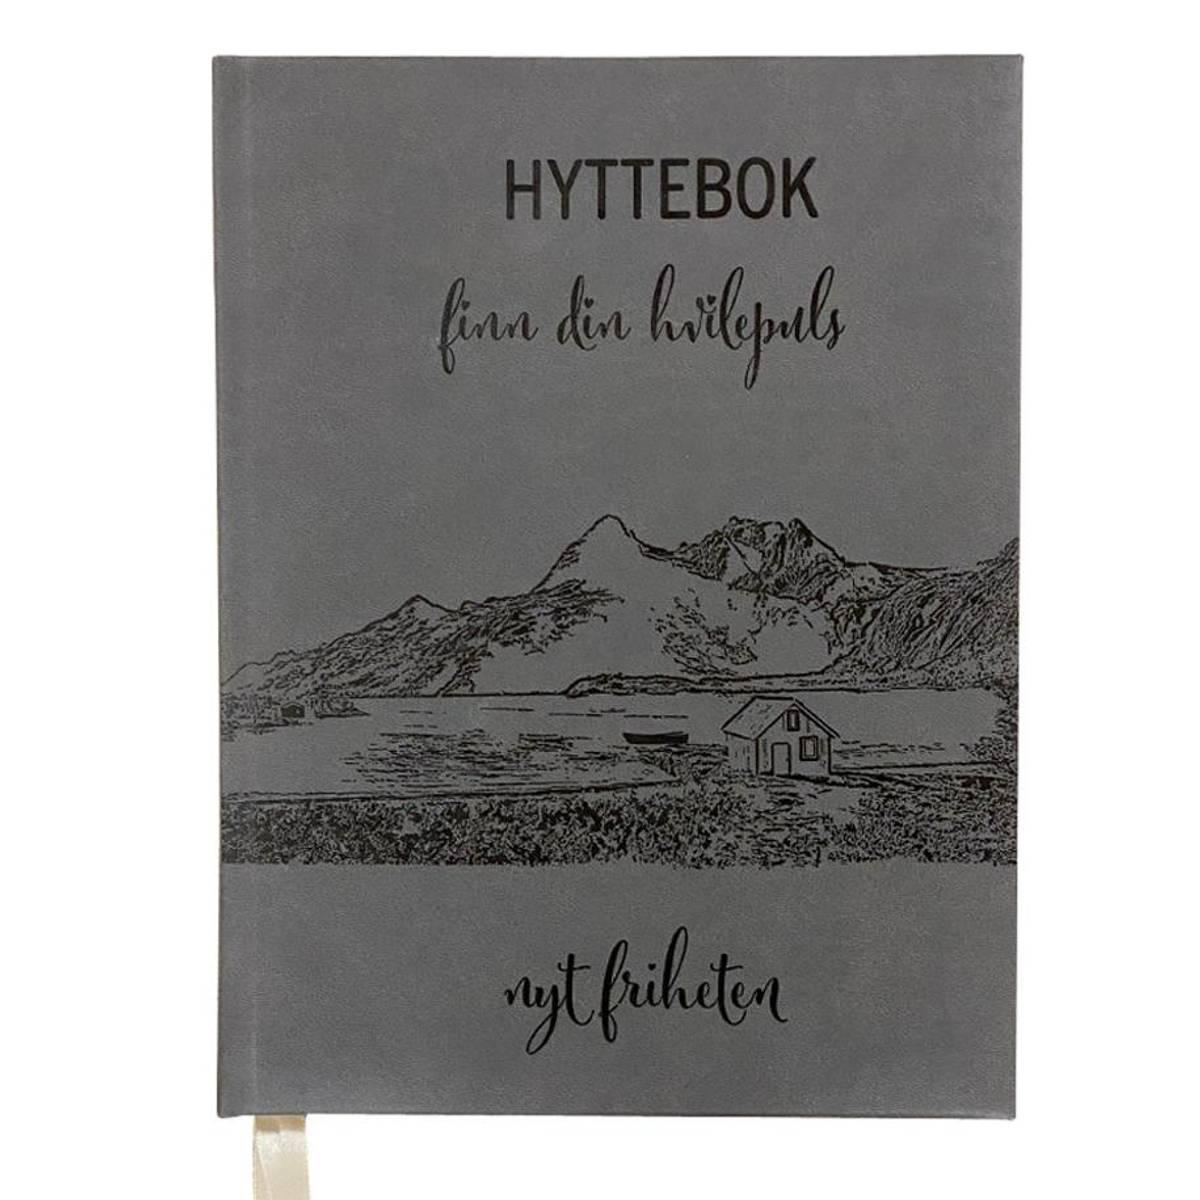 Hyttebok grå, nyt friheten, A4